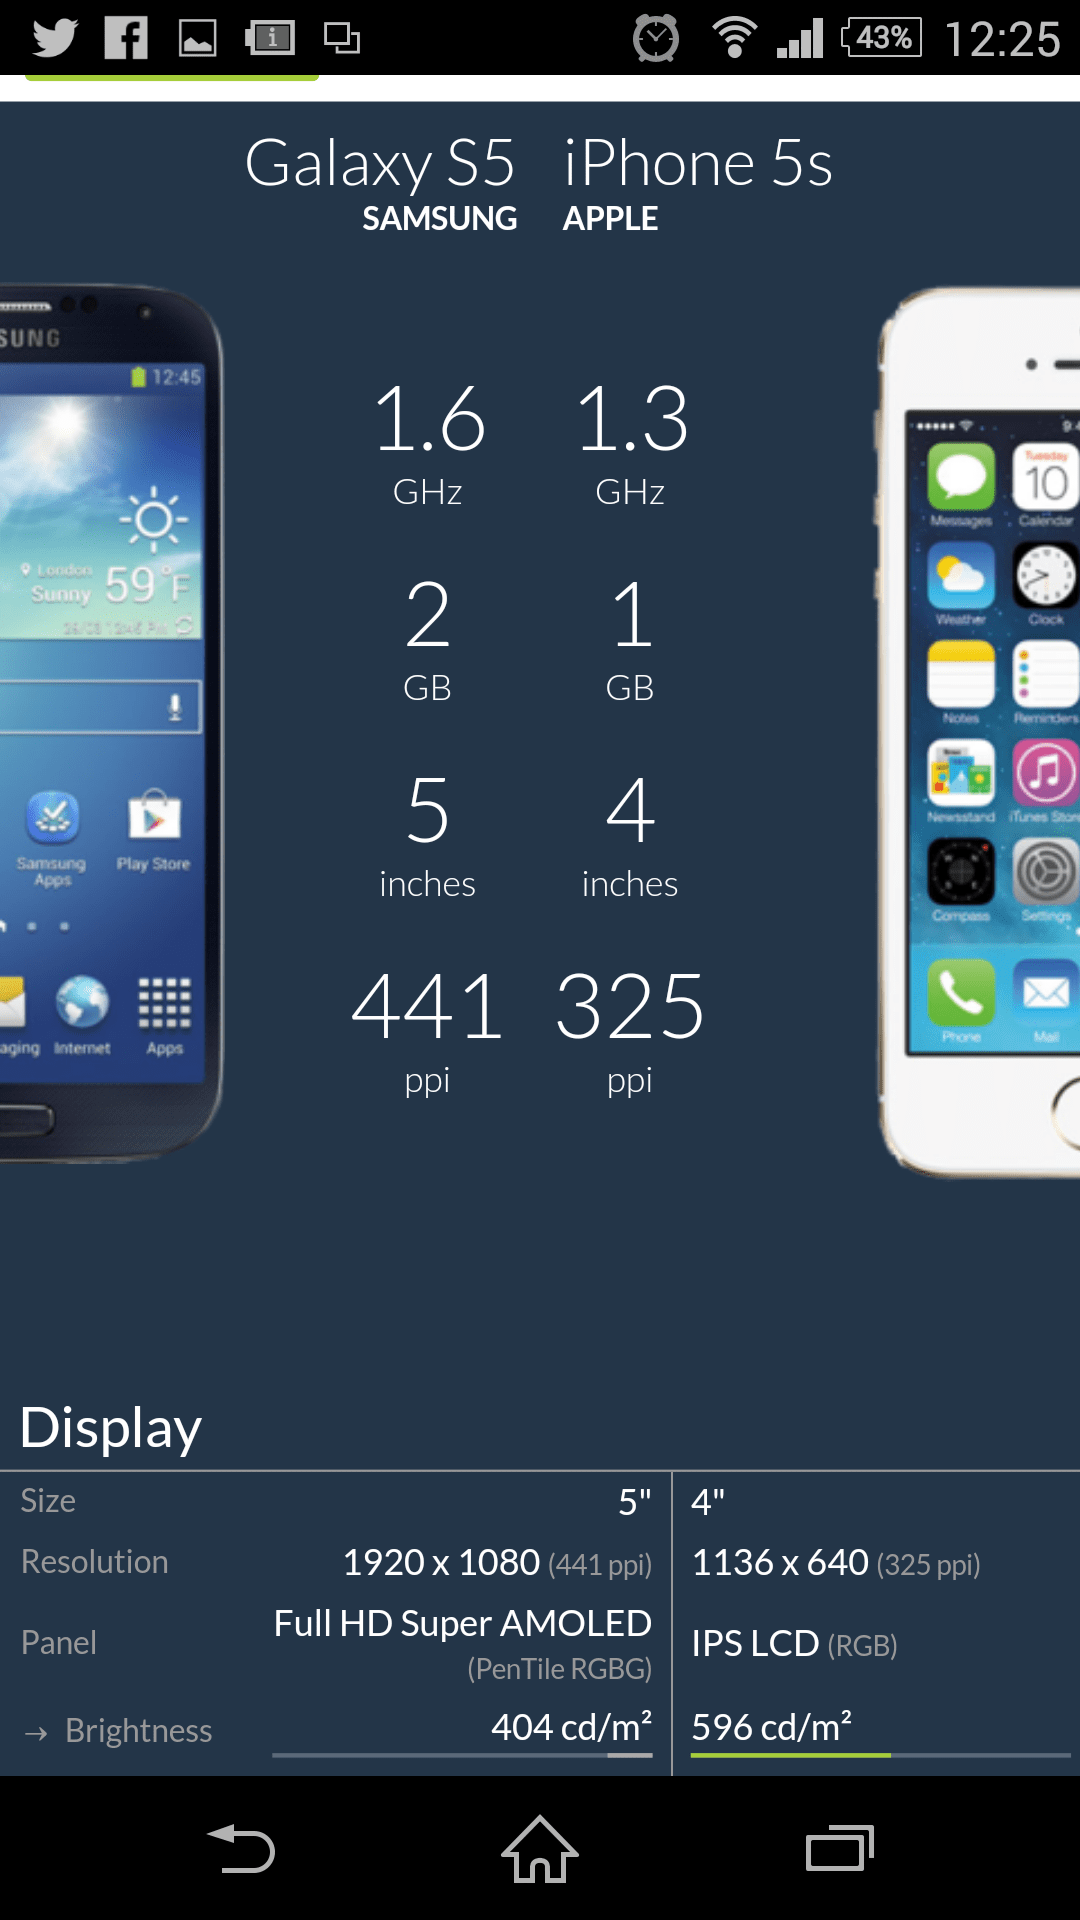 Screenshot 2014 10 25 00 25 59 - Mẹo so sánh nhanh thông số kỹ thuật giữa hai smartphone